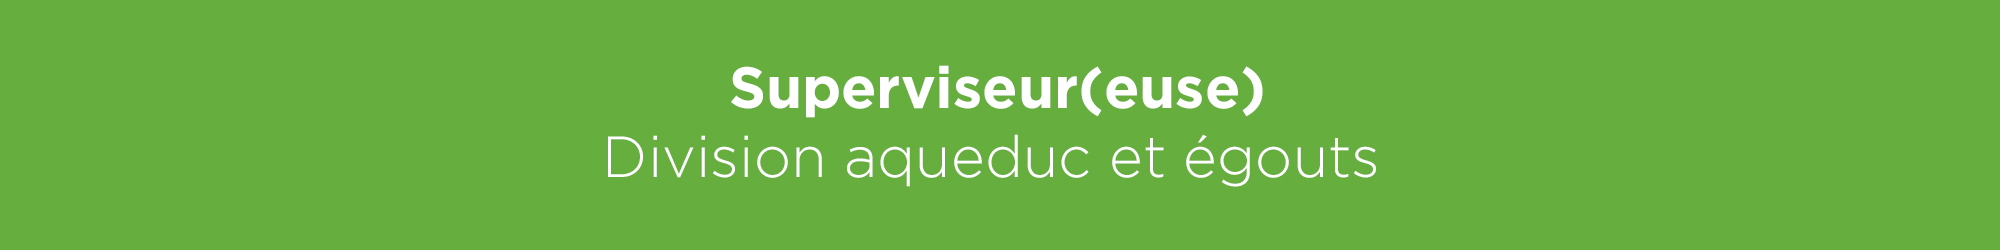 Emploi | Superviseur(euse) - Division aqueduc et égouts | Ville de Magog